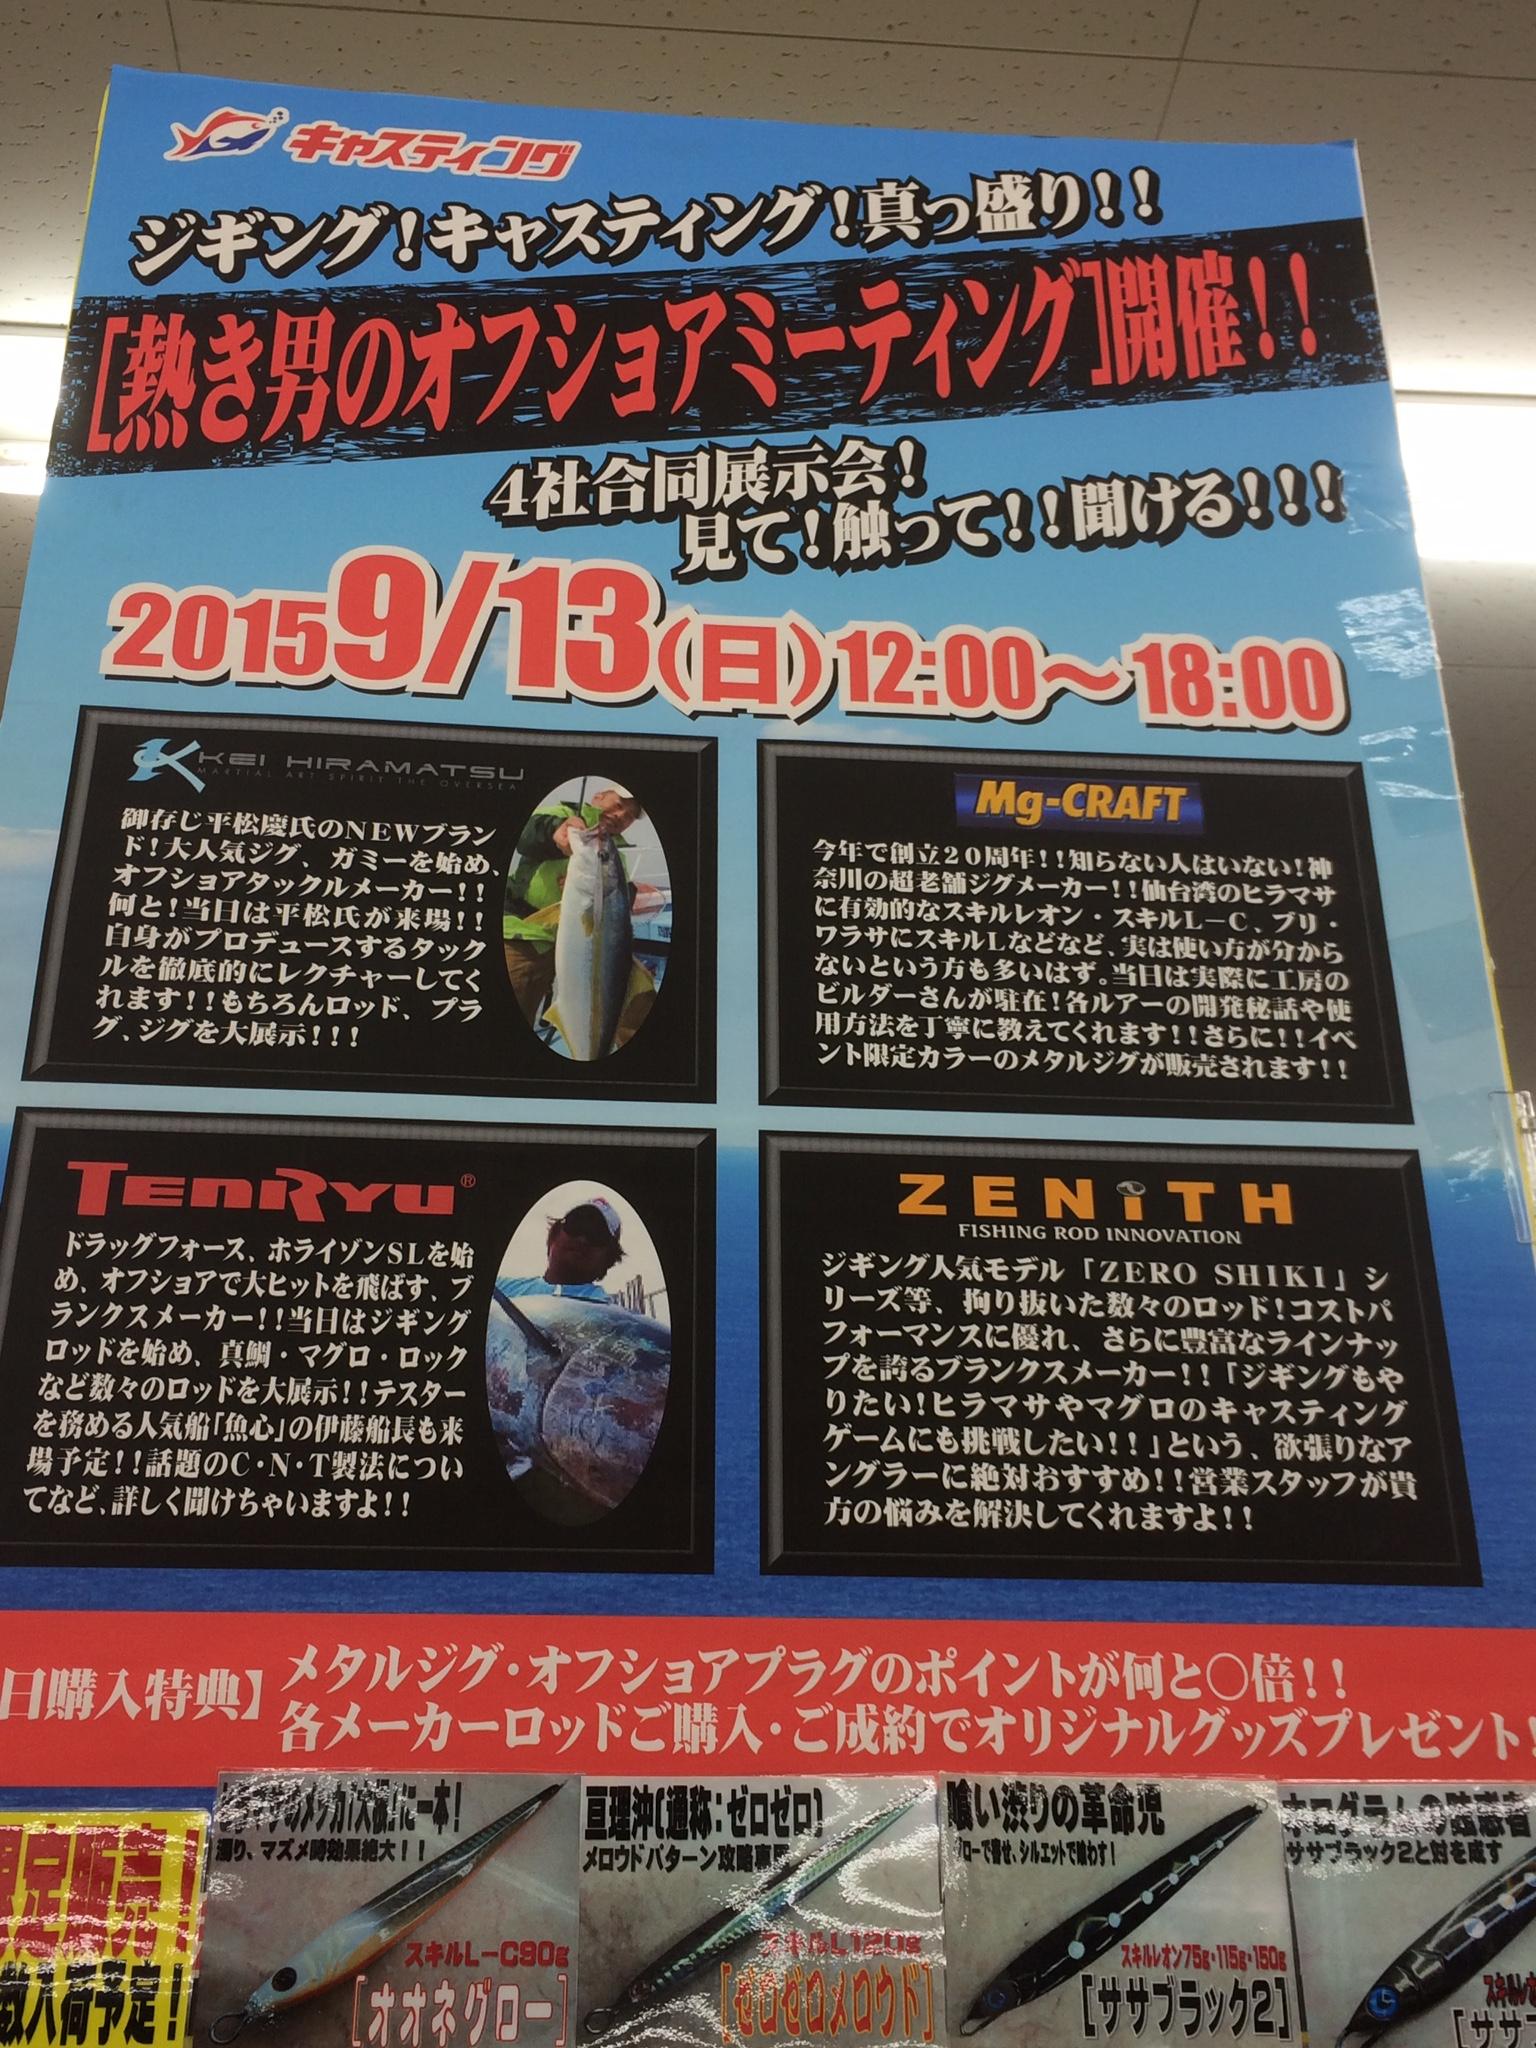 仙台のキャスティング泉バイパス店様のイベントに参加して来ました。